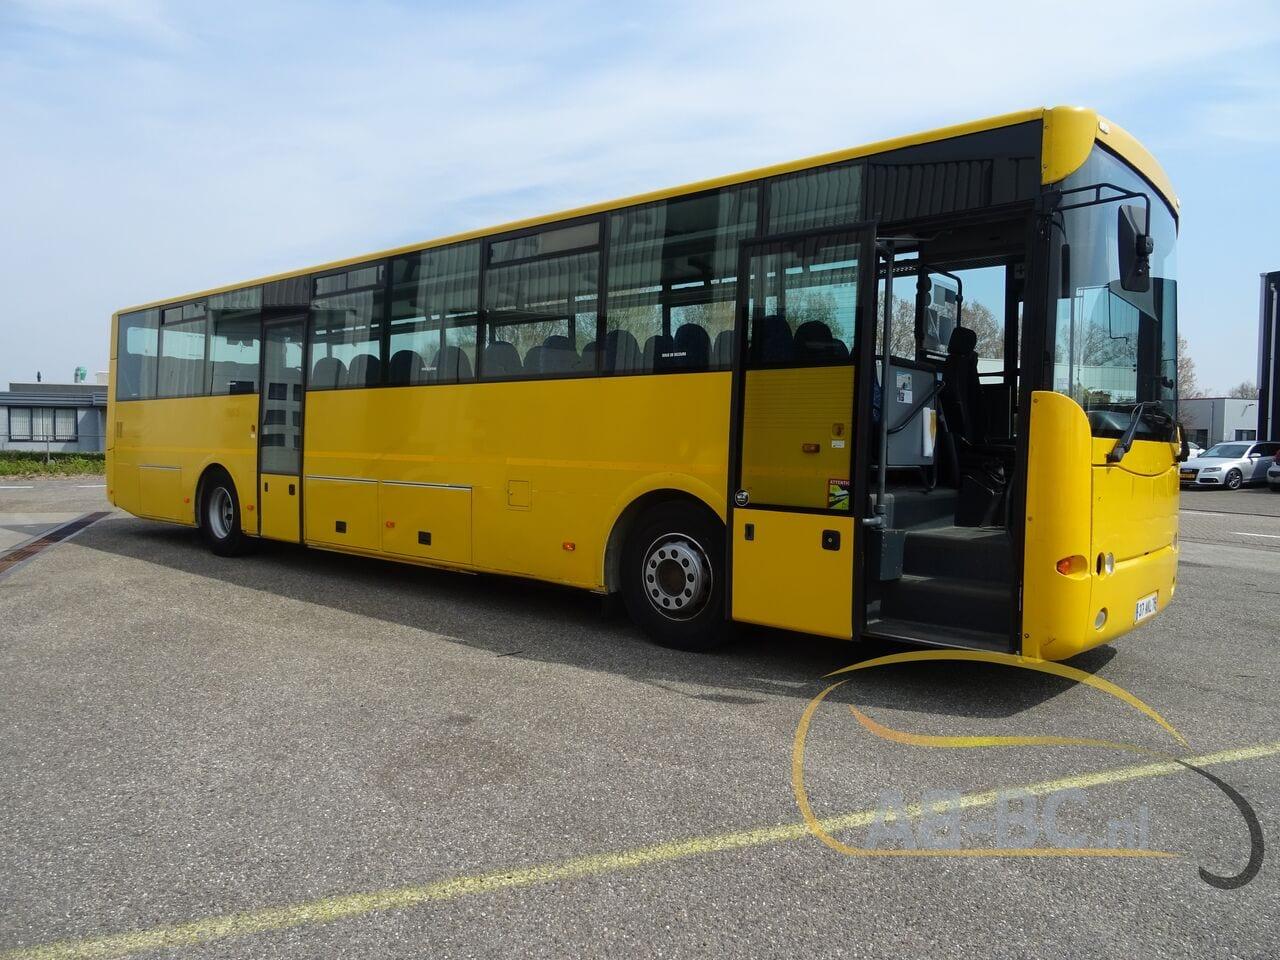 interurban-busMAN-Fast-64-seats---1619619630663684388_big_a363862262b587157d7025f4edddd5d9--21042817163019598600